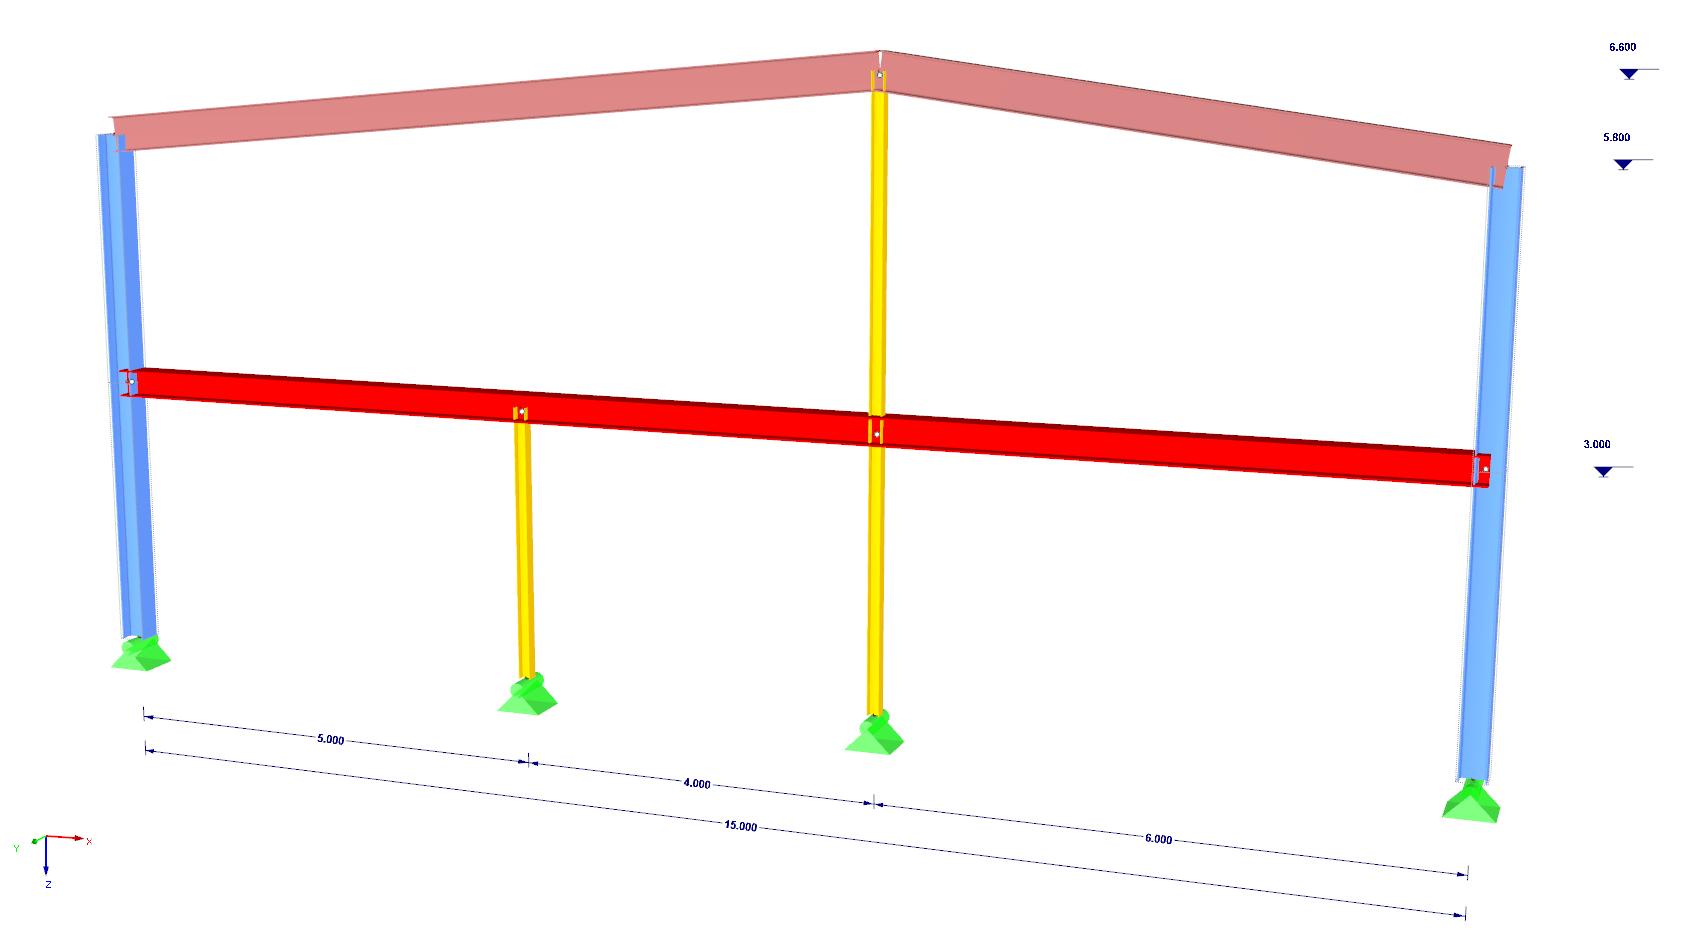 Stalen raamwerk berekenen en controleren volgens de Eurocode 3